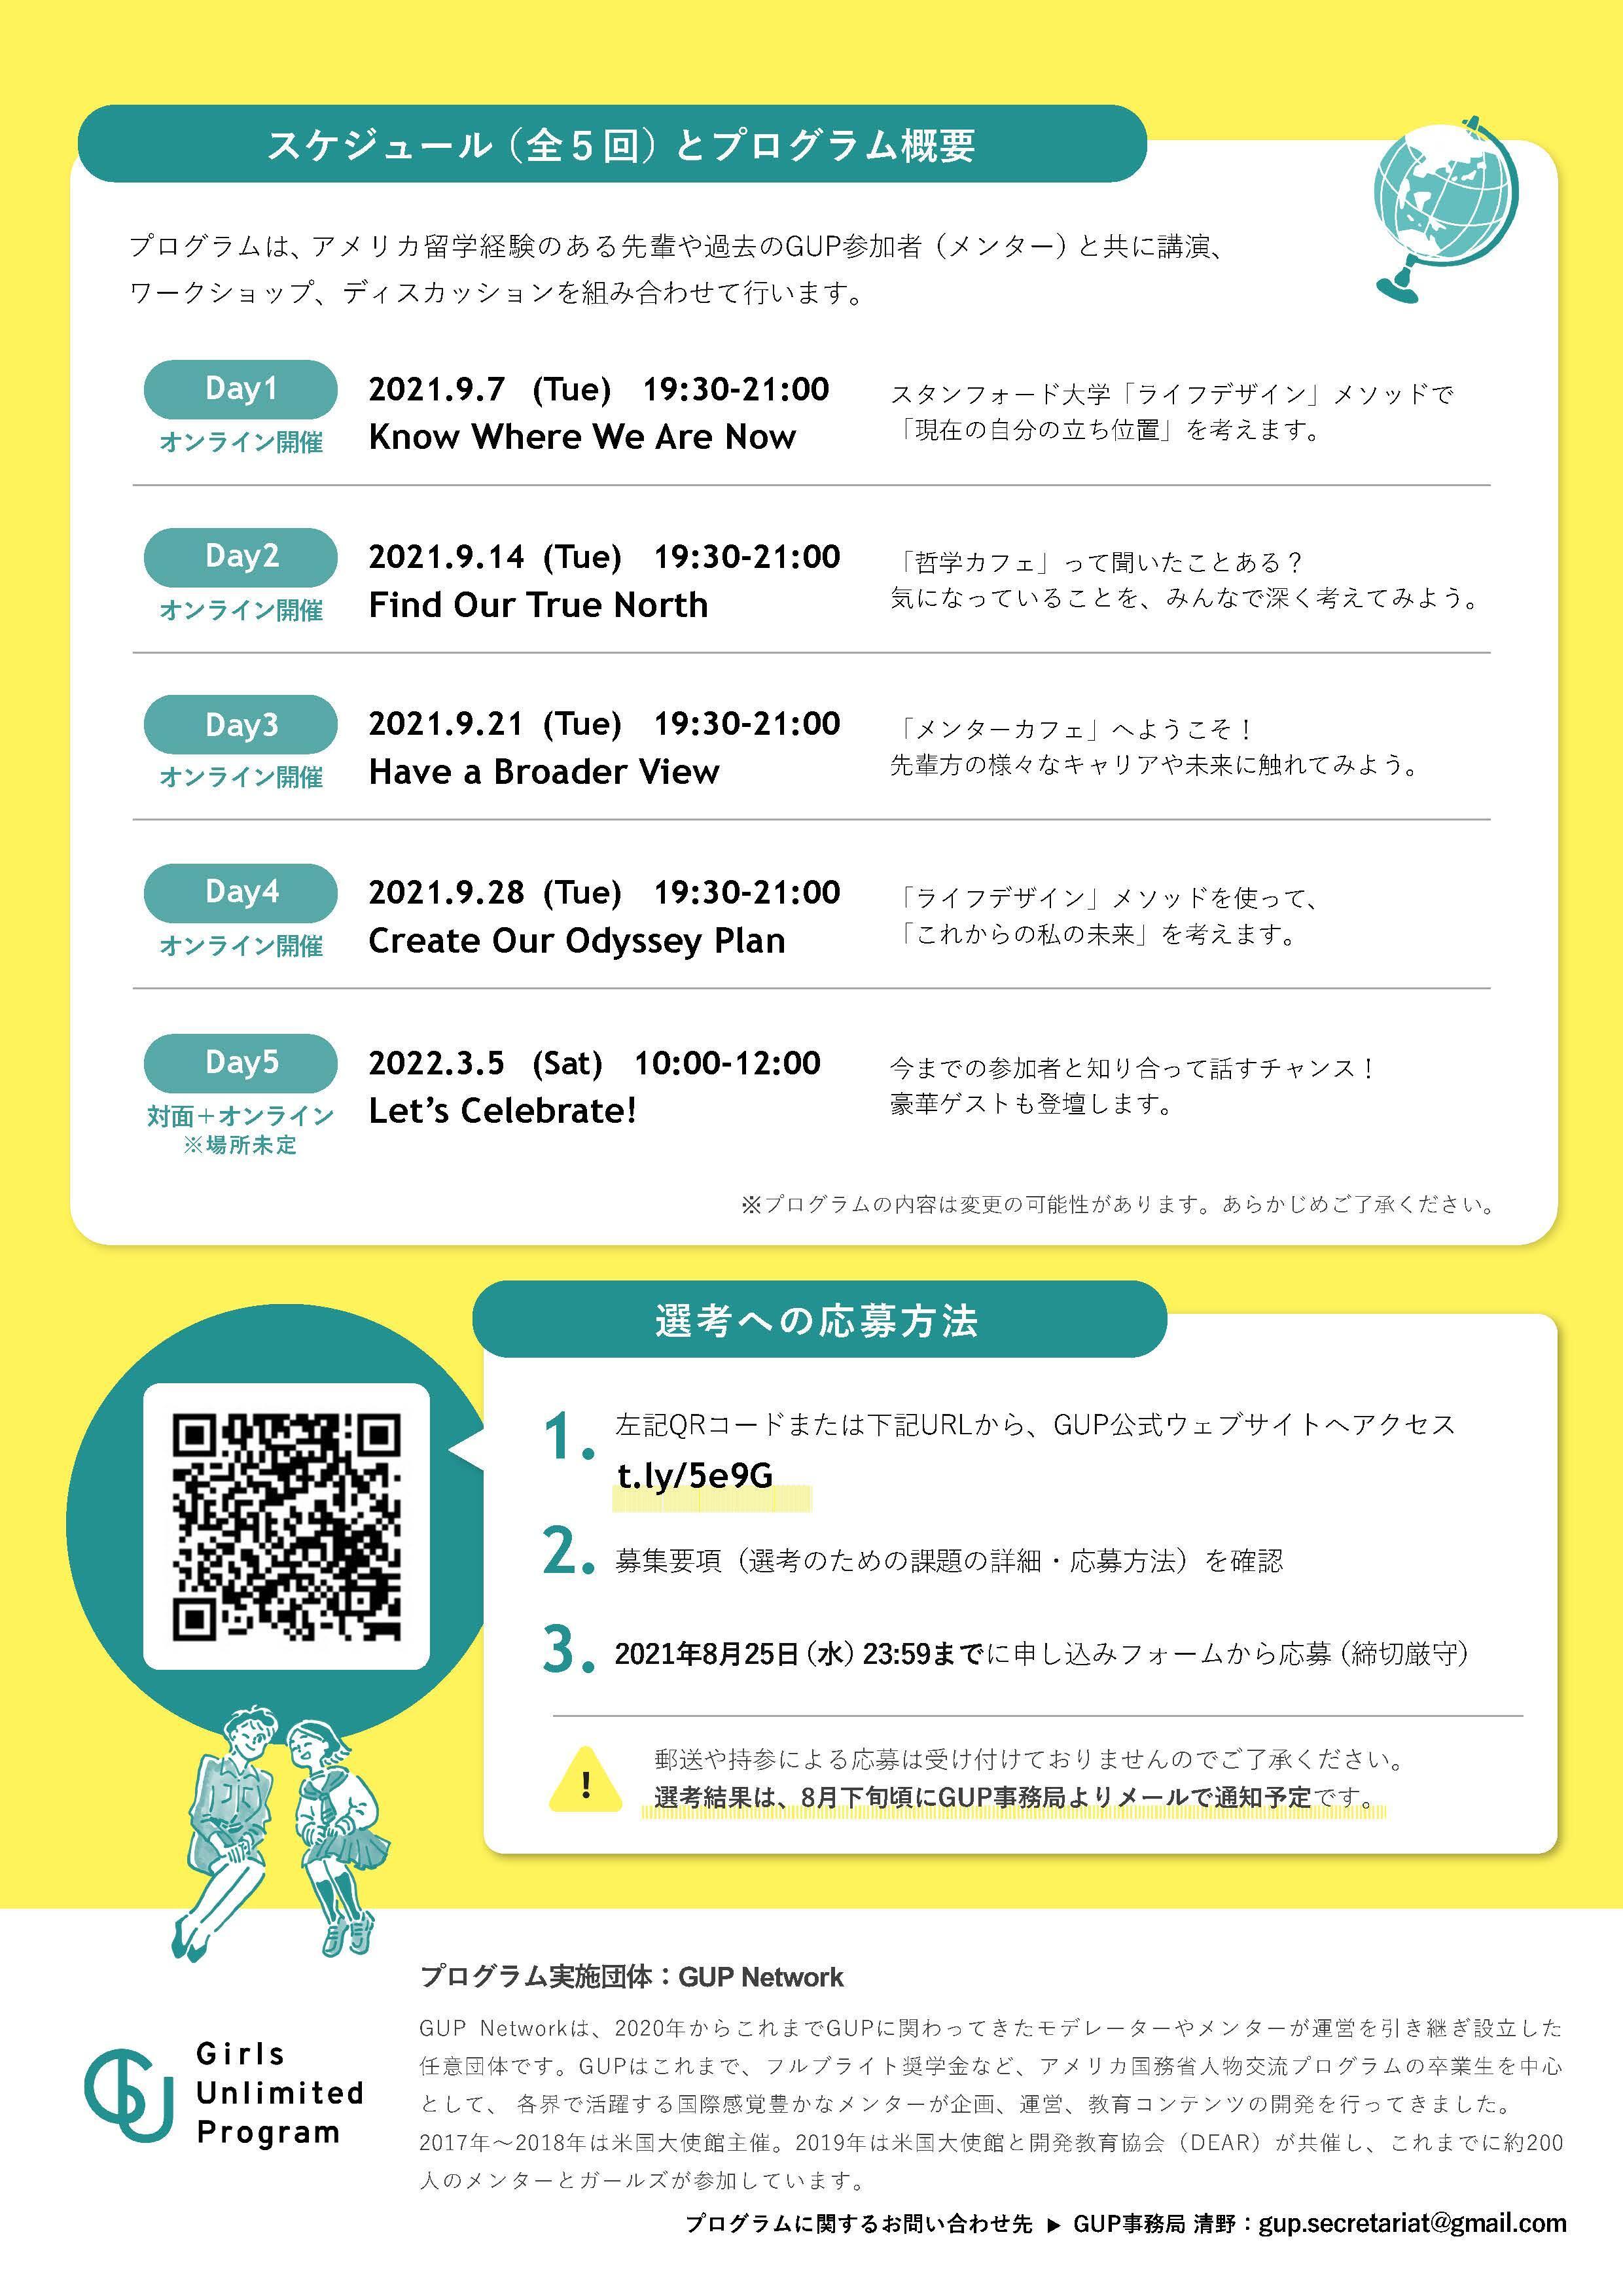 210727_GUP01_P02.jpg